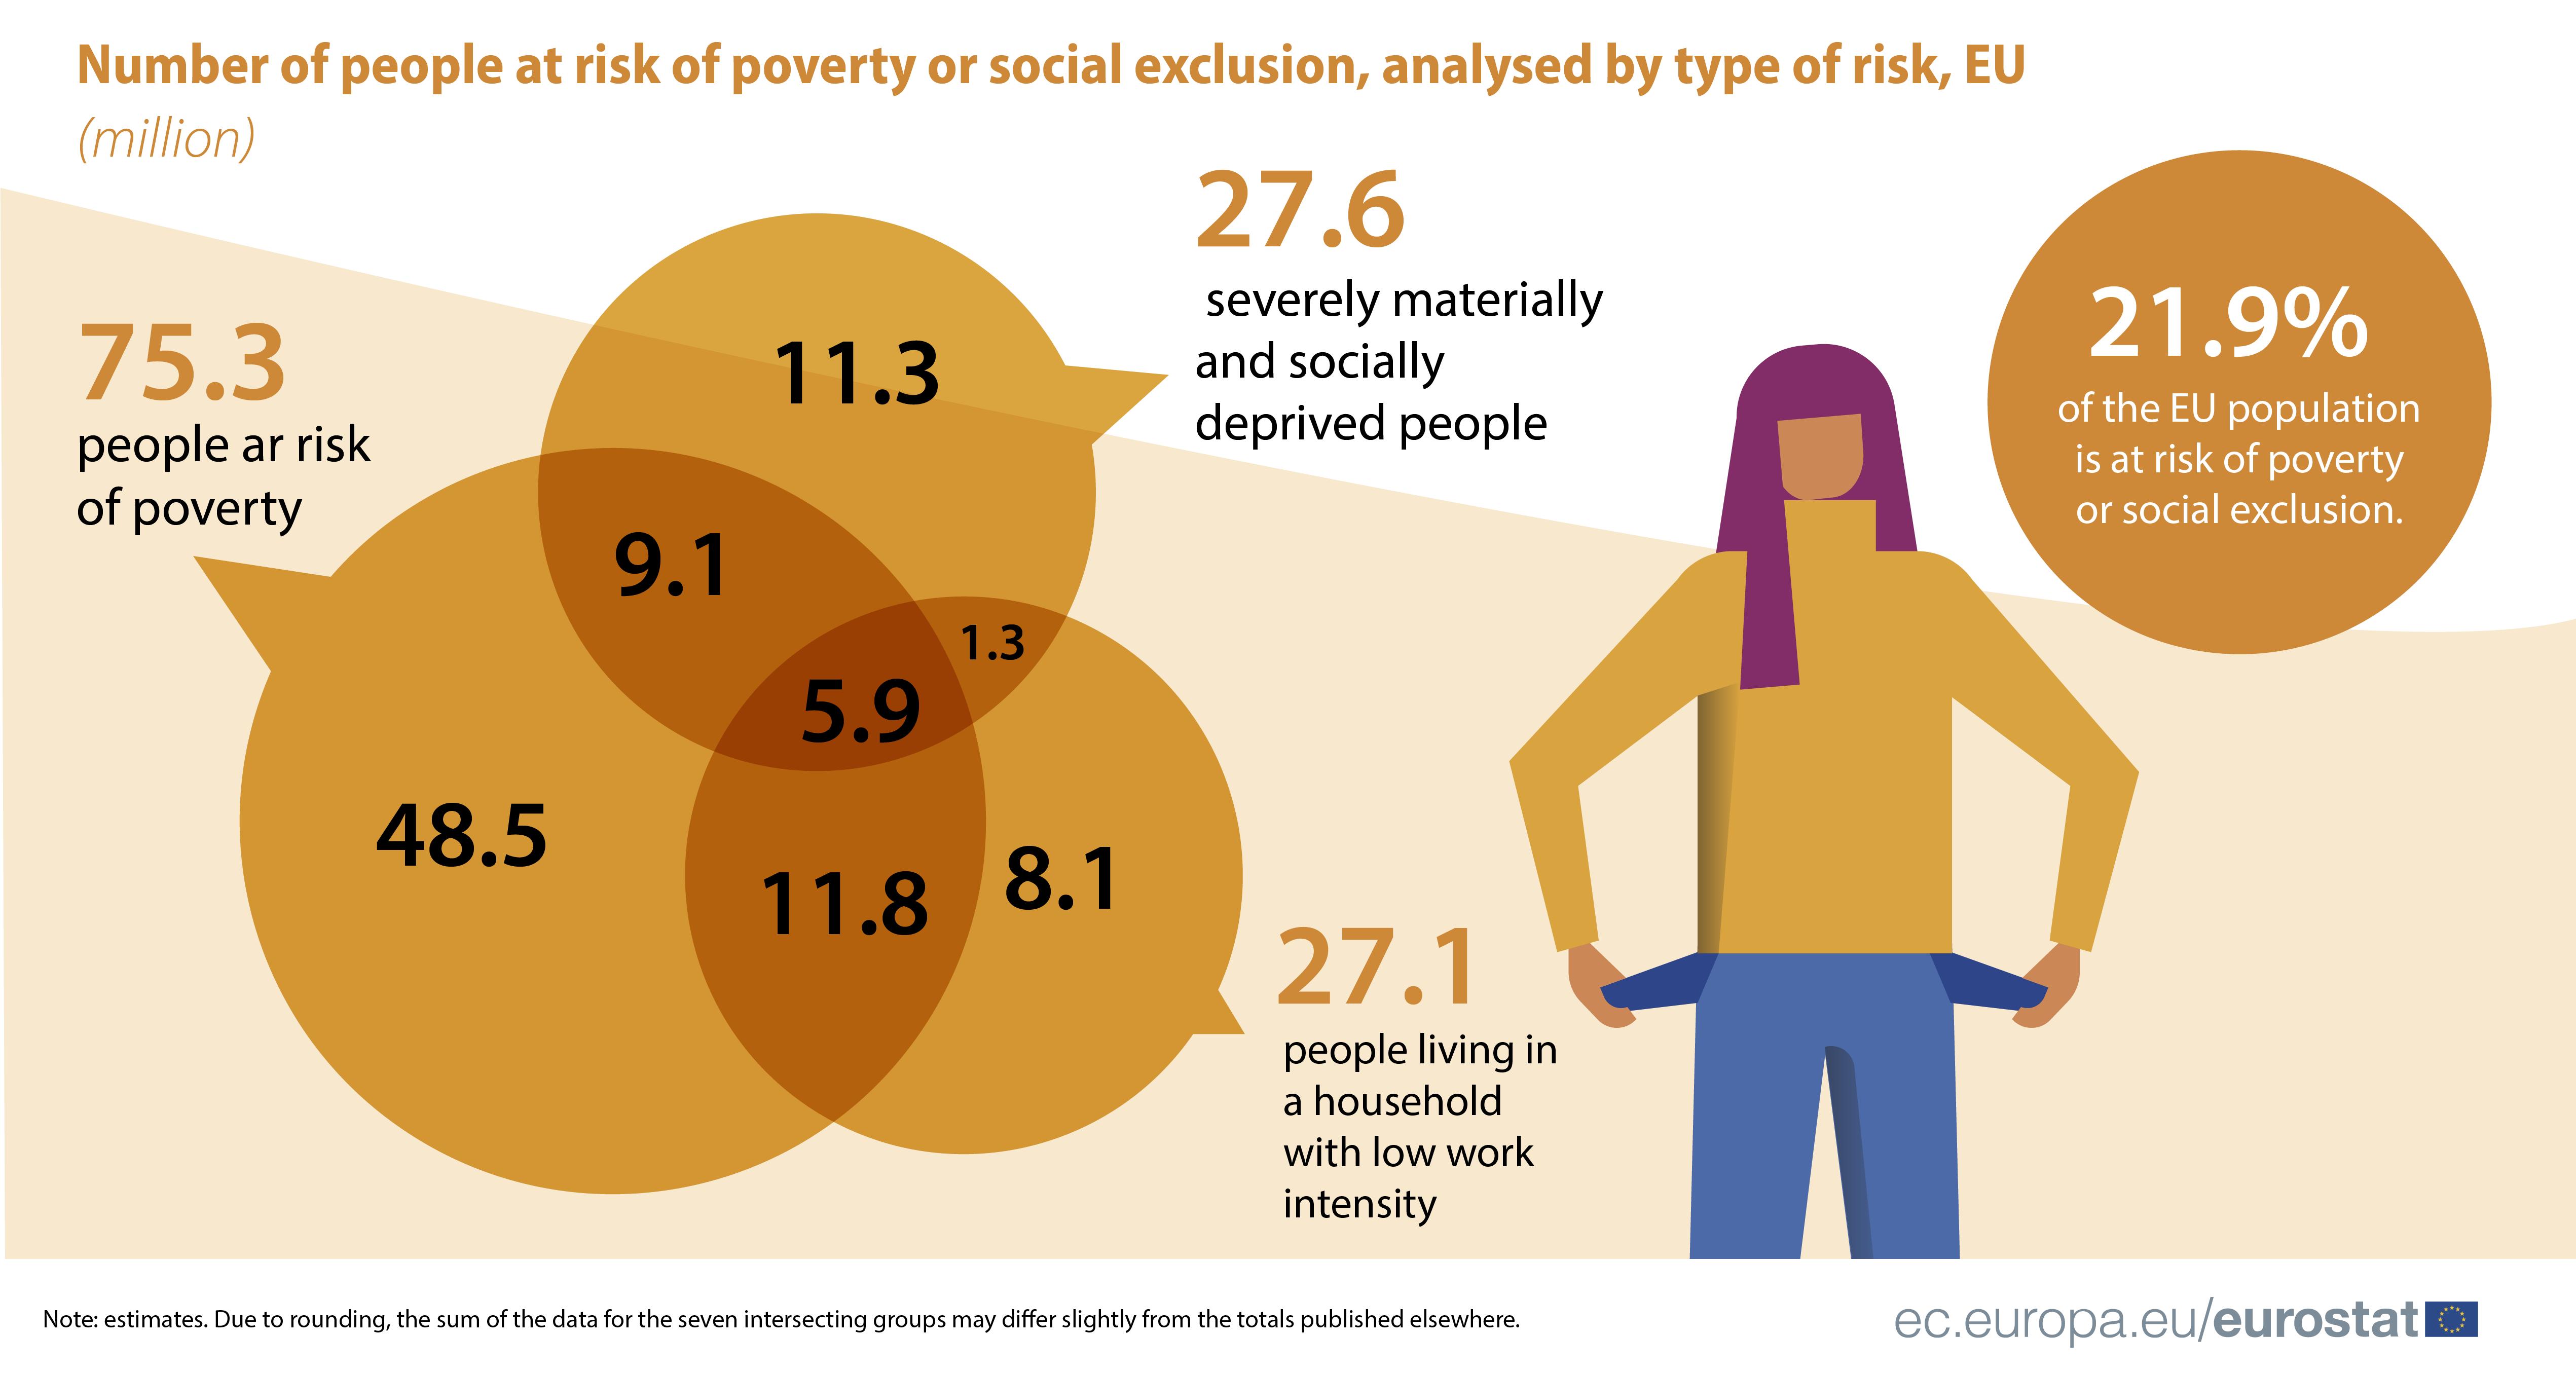 Risco de pobreza ou exclusão social em Portugal e na UE